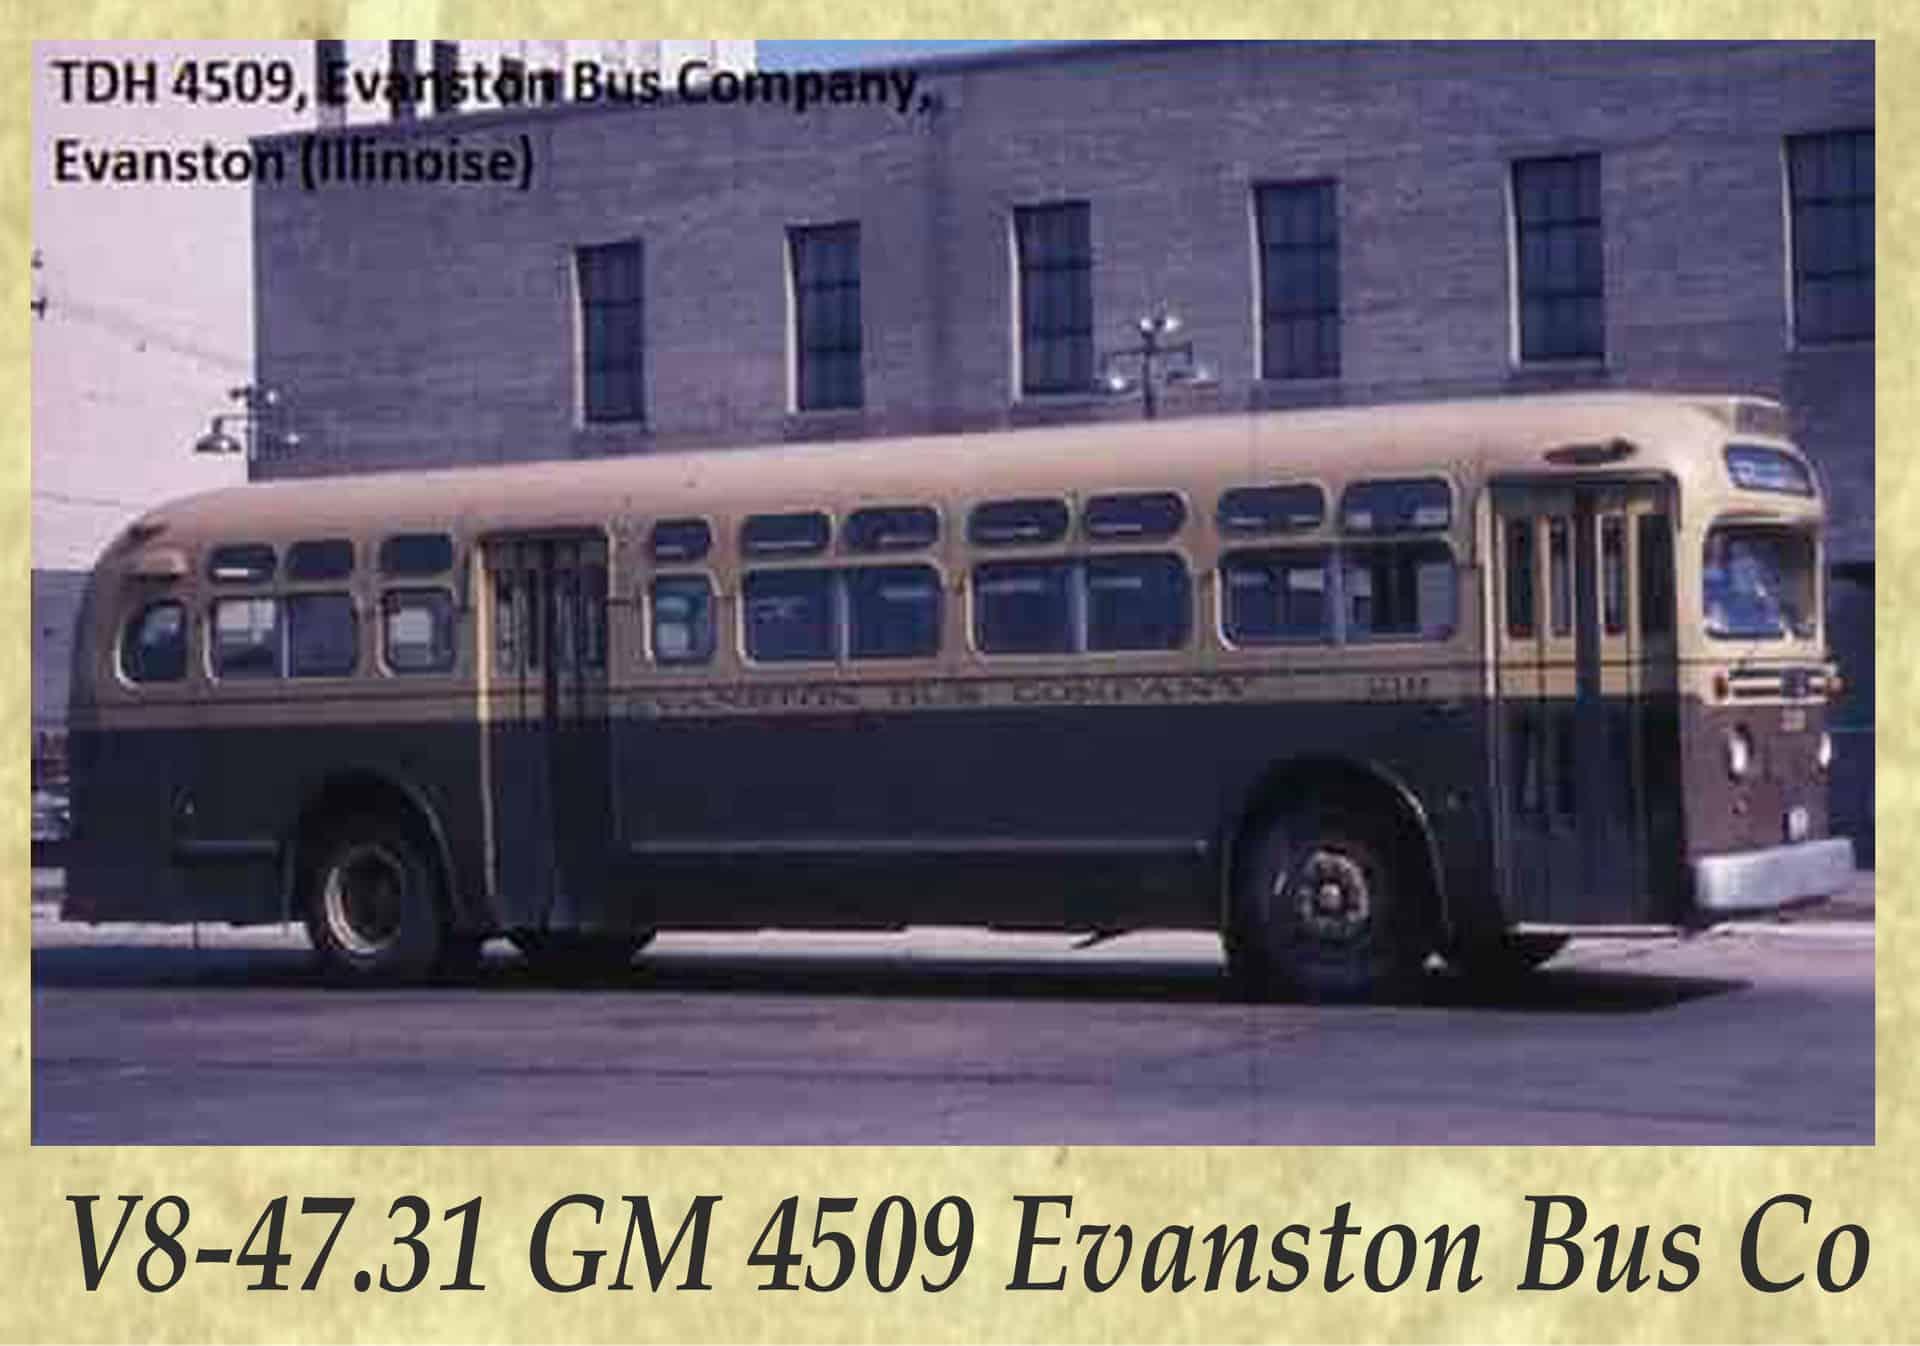 V8-47.31 GM 4509 Evanston Bus Co